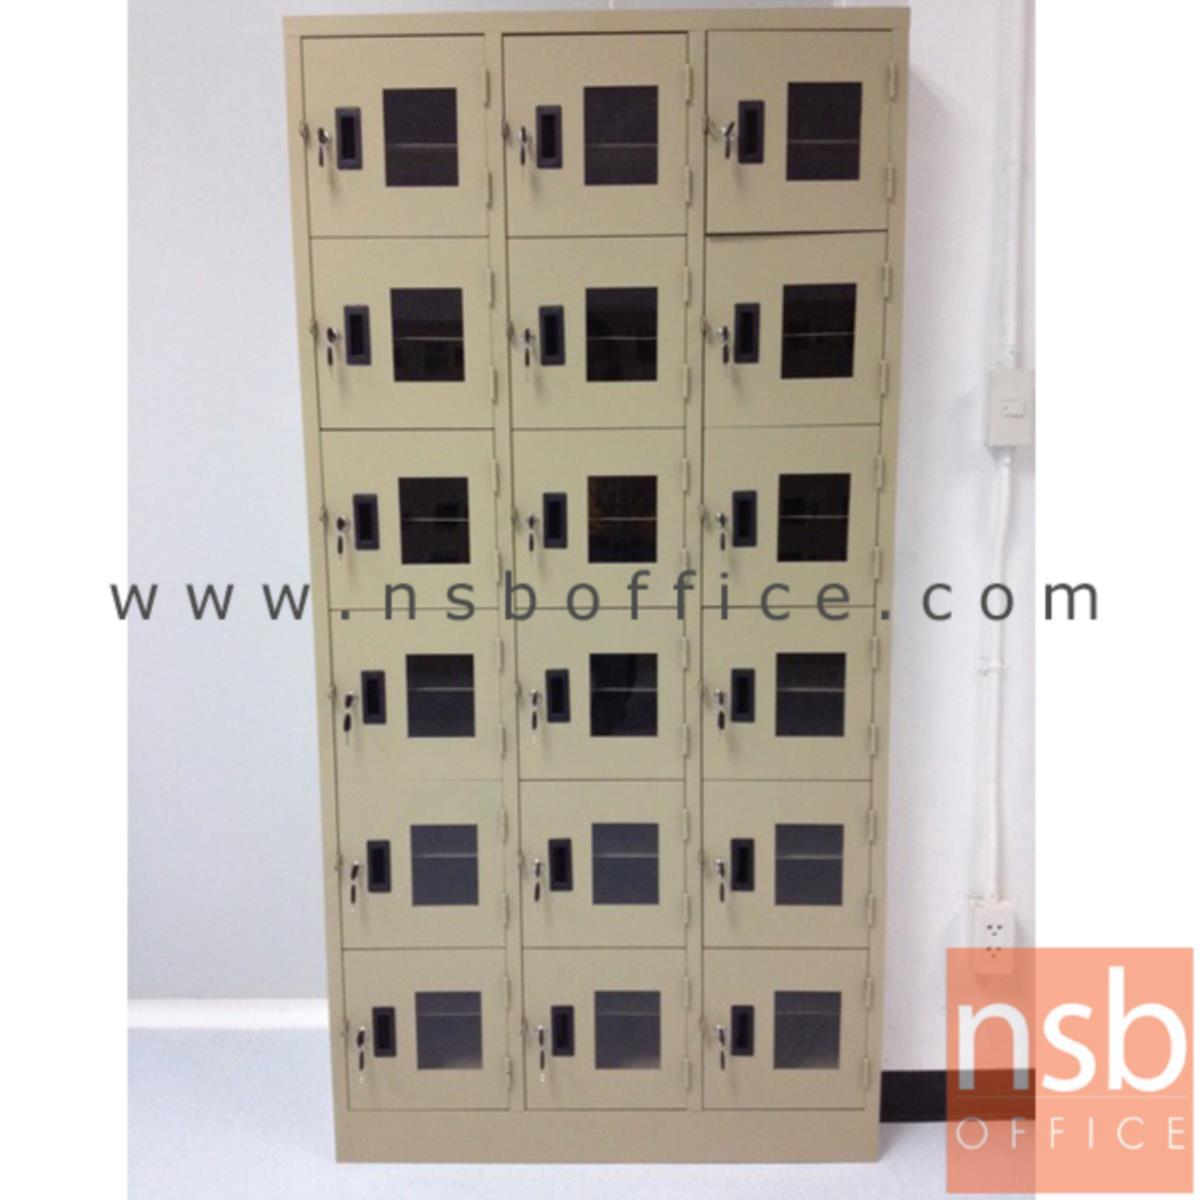 ตู้ล็อคเกอร์เหล็กหน้าบานอะคริลิค 18 ประตู ระบบกุญล็อคพร้อมสายยูคล้องกุญแจ